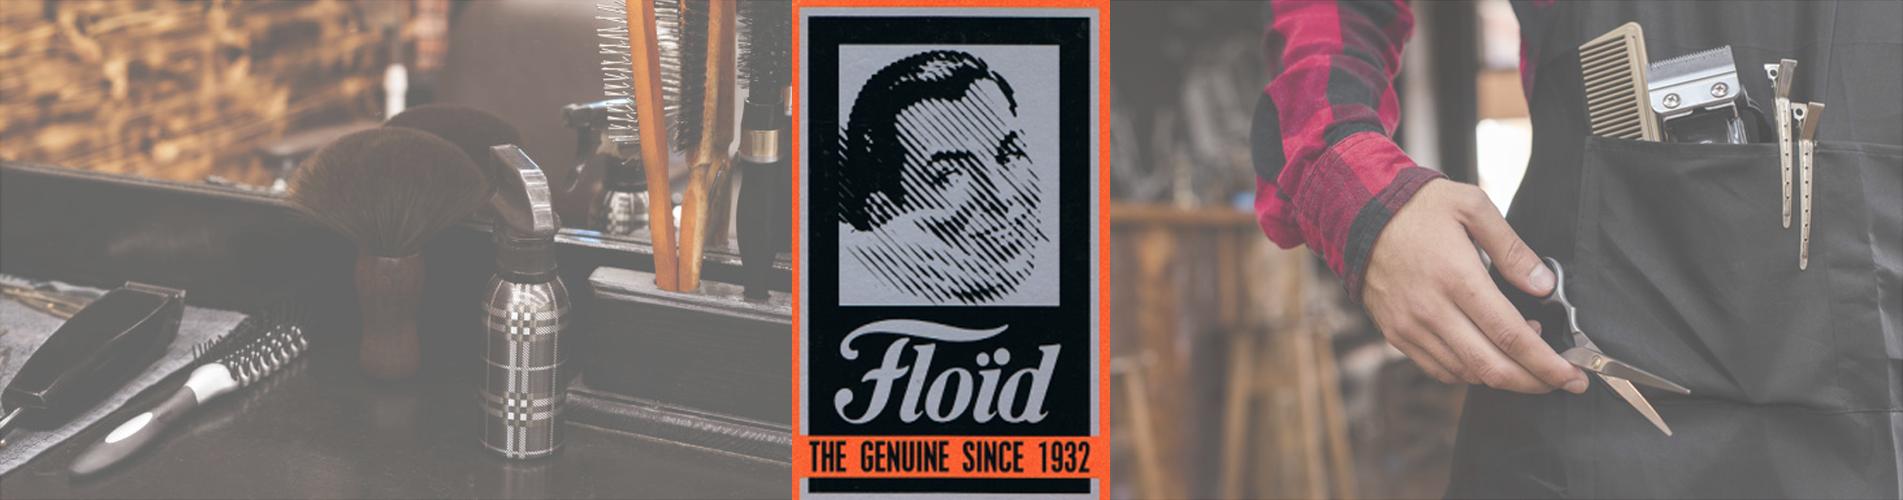 Floid, productos para el afeitado y el cuidado de la barba